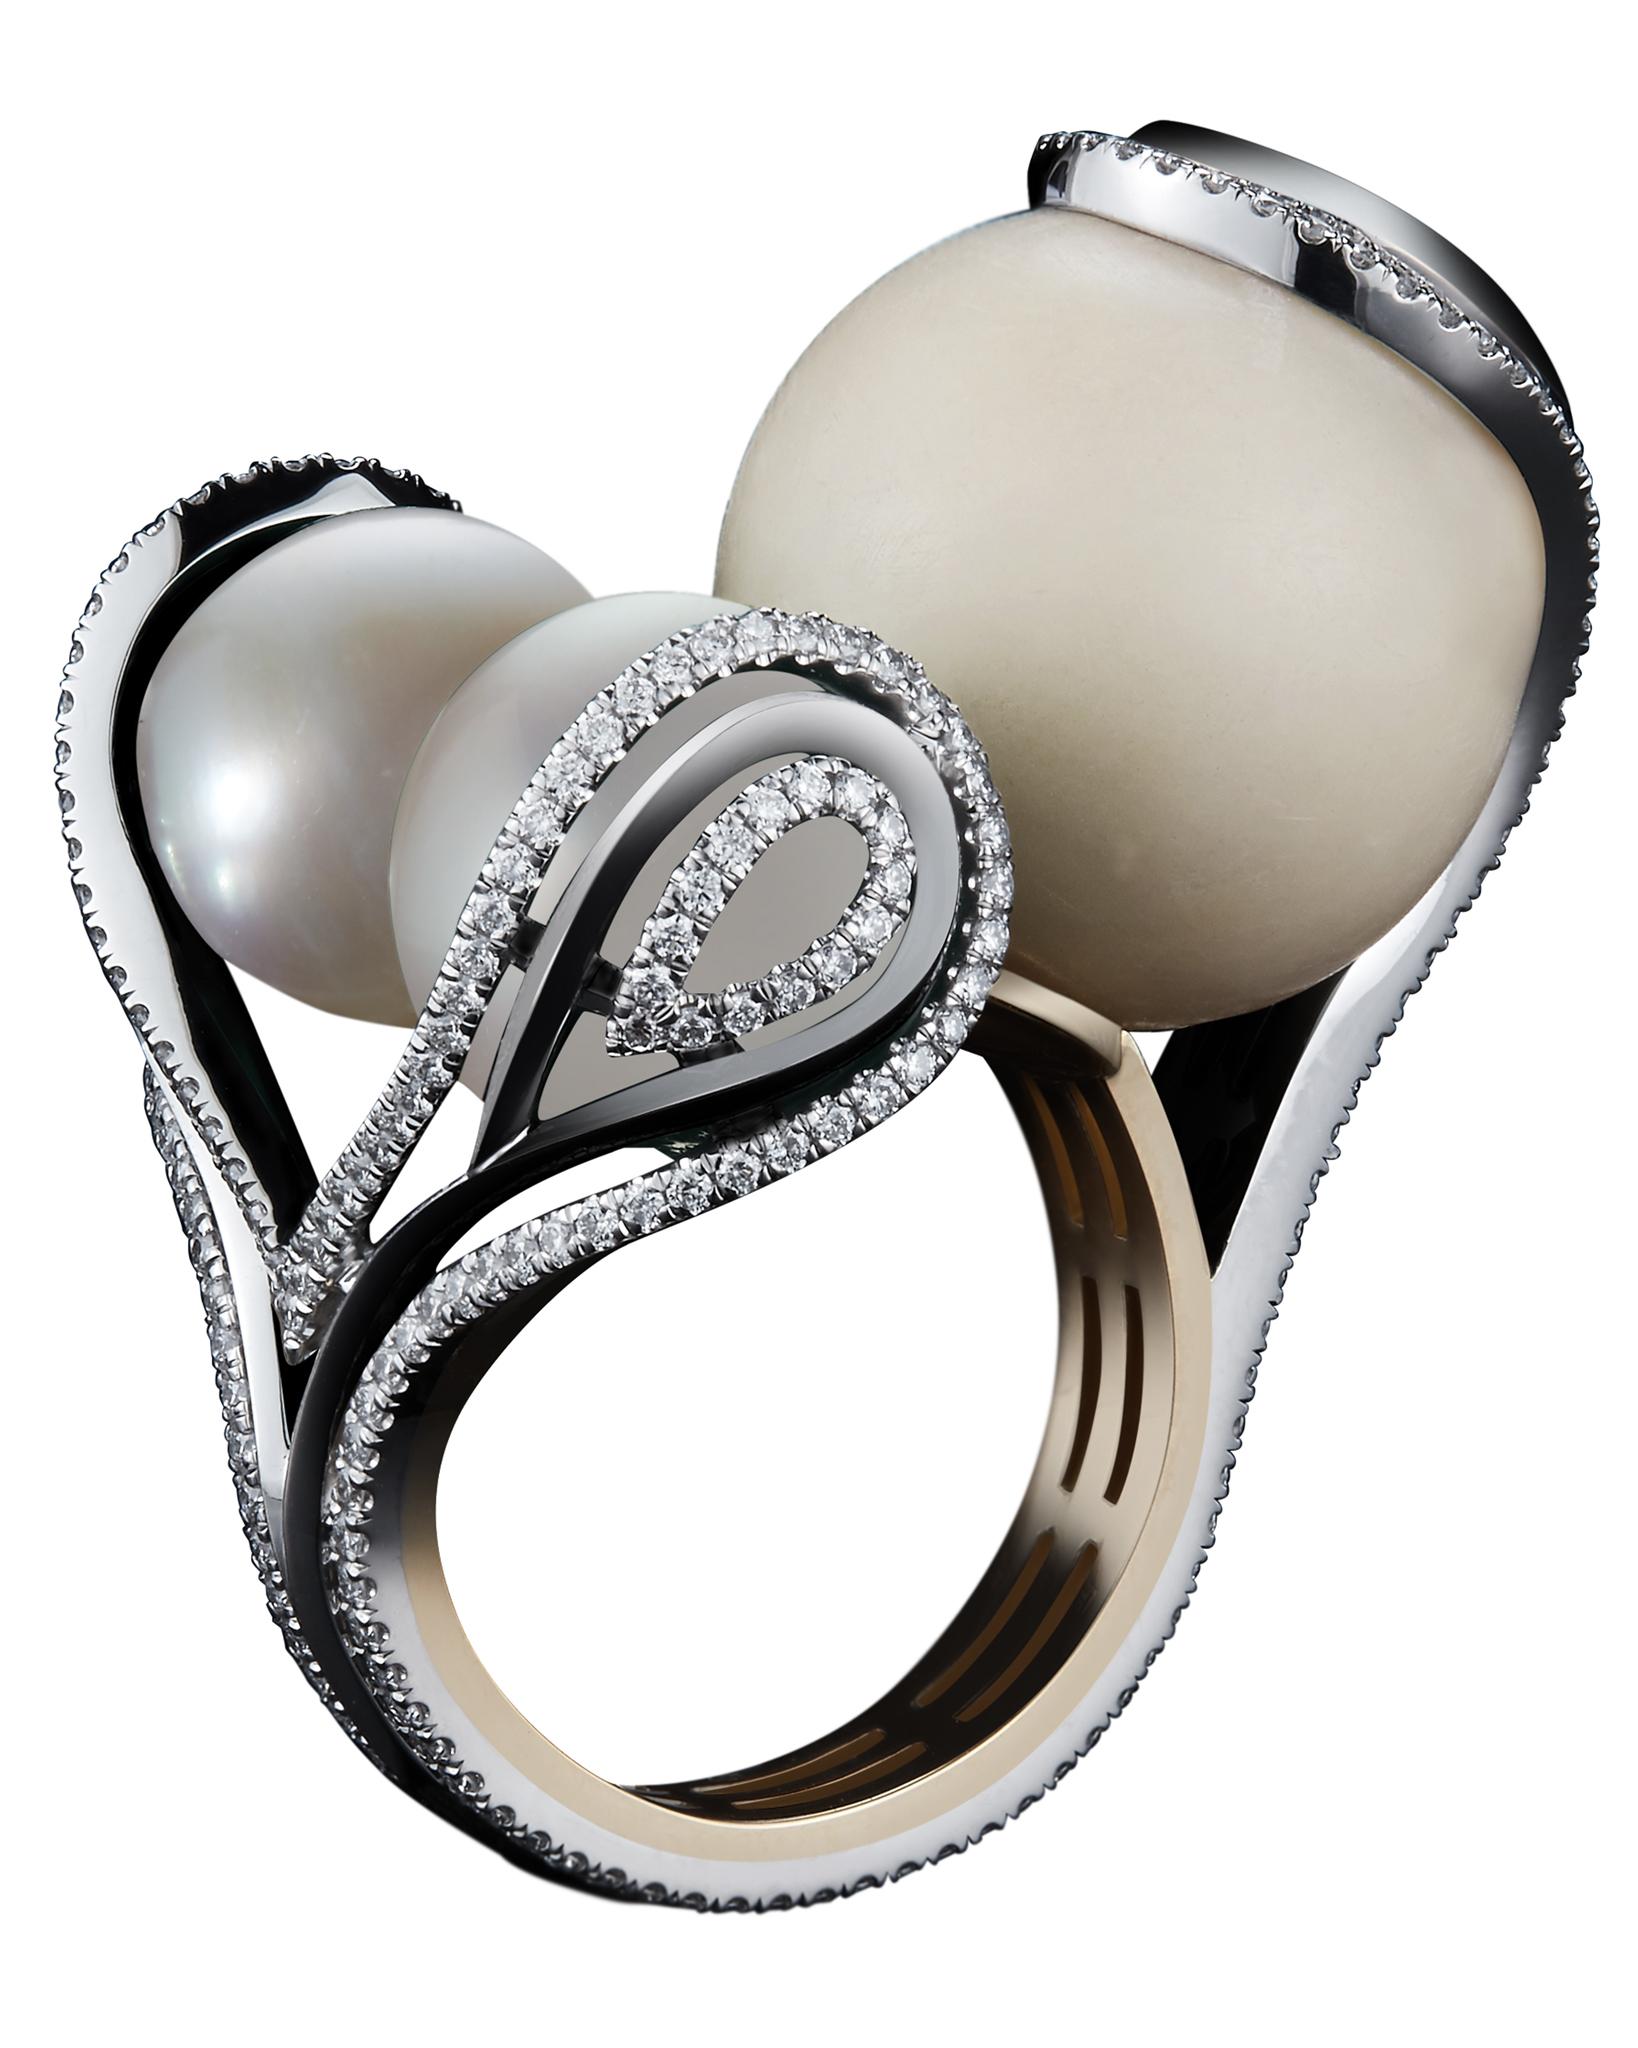 Alexandra Mor ring